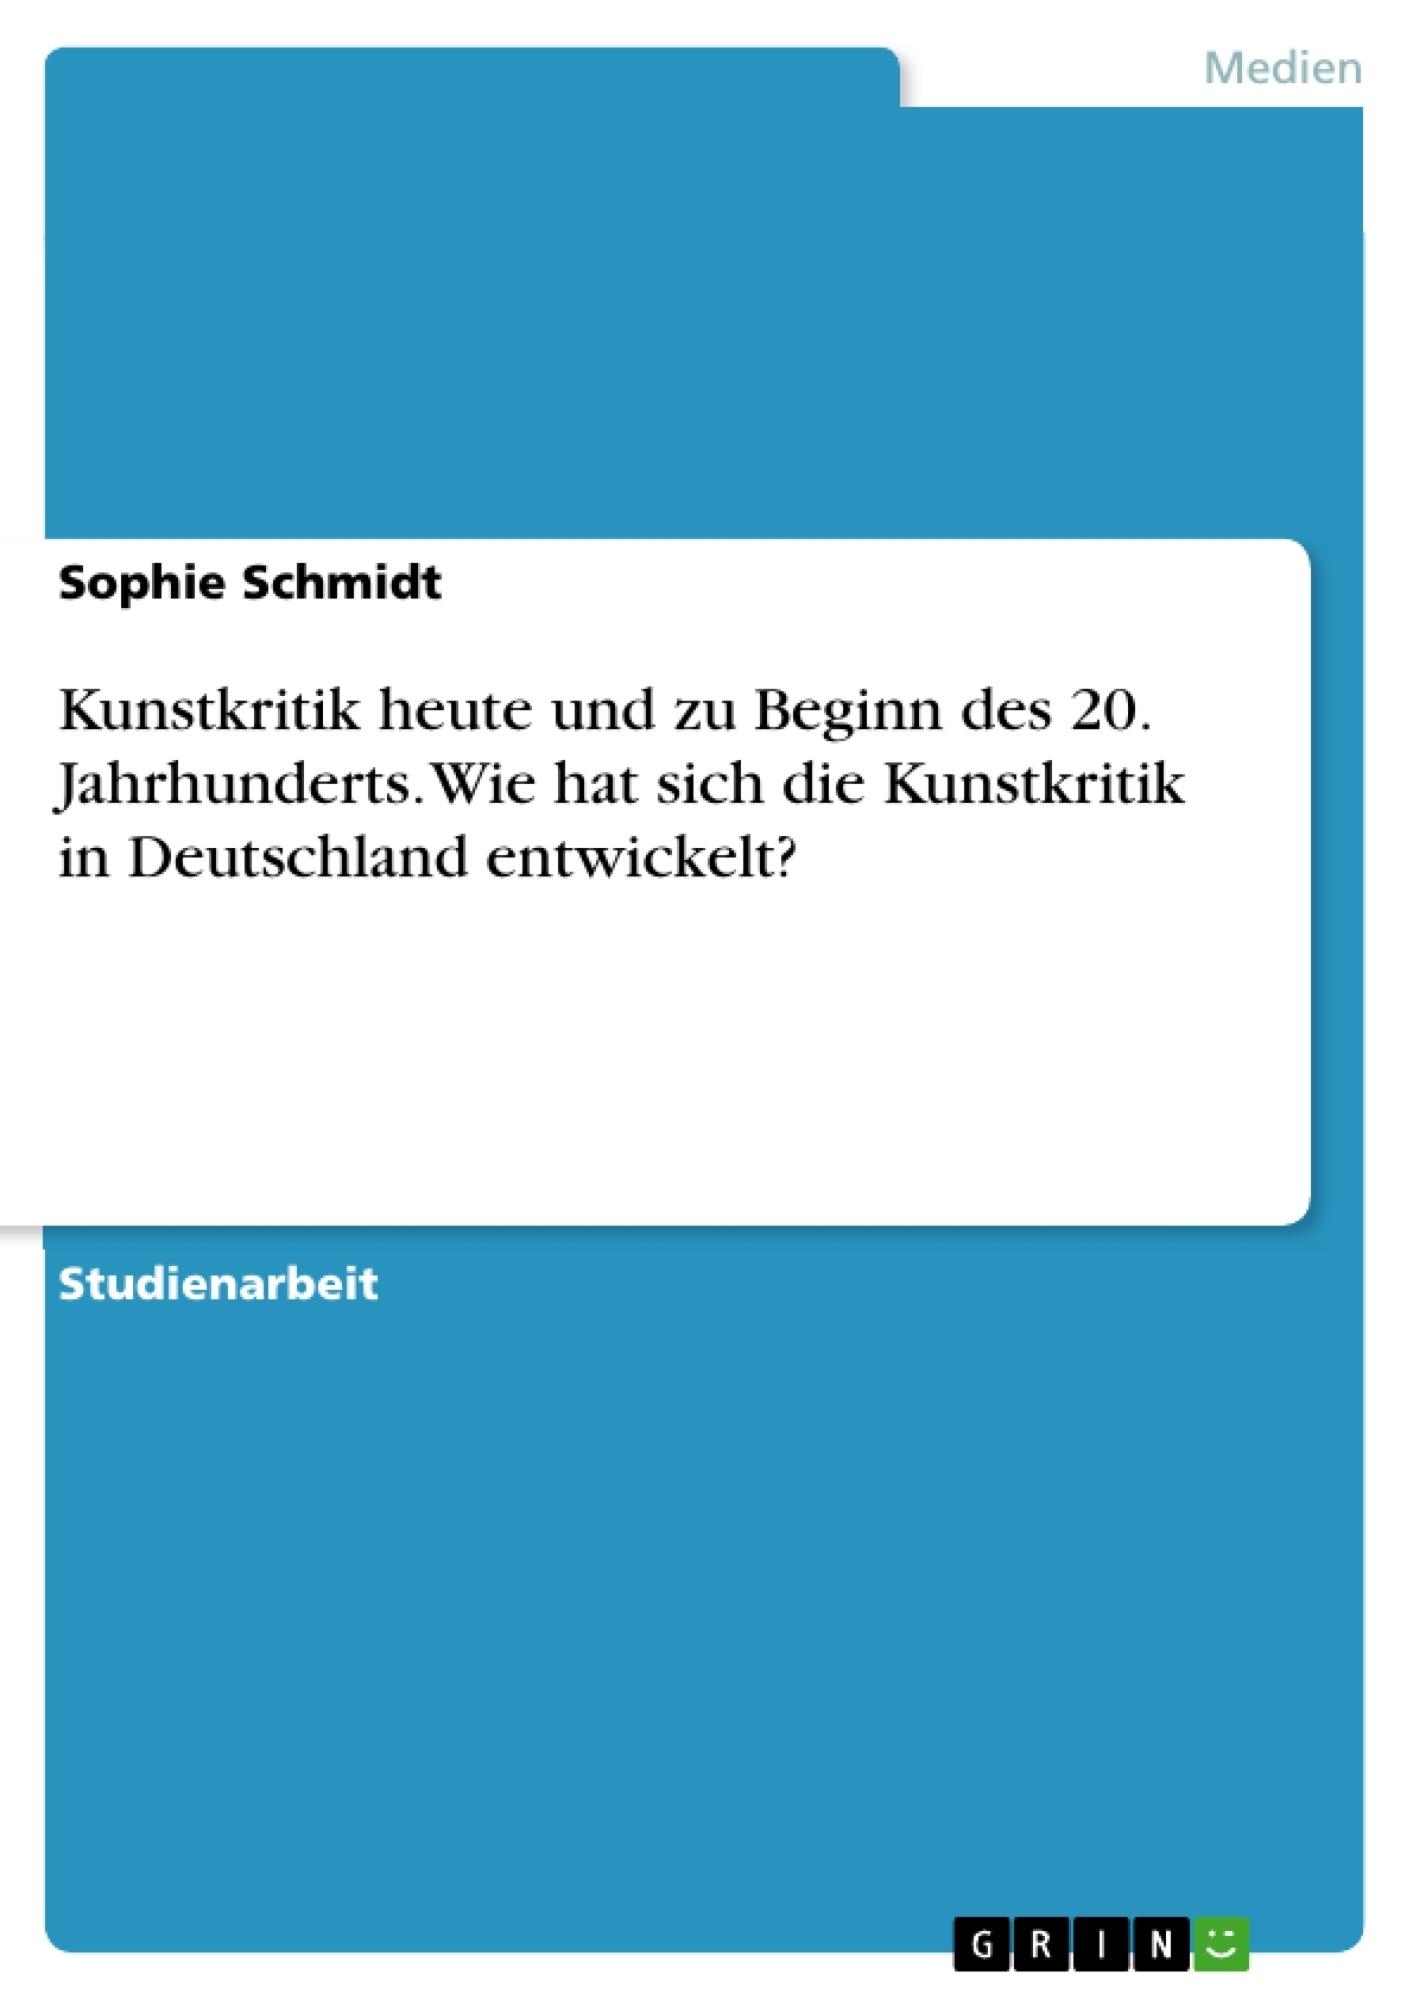 Titel: Kunstkritik heute und zu Beginn des 20. Jahrhunderts. Wie hat sich die Kunstkritik in Deutschland entwickelt?